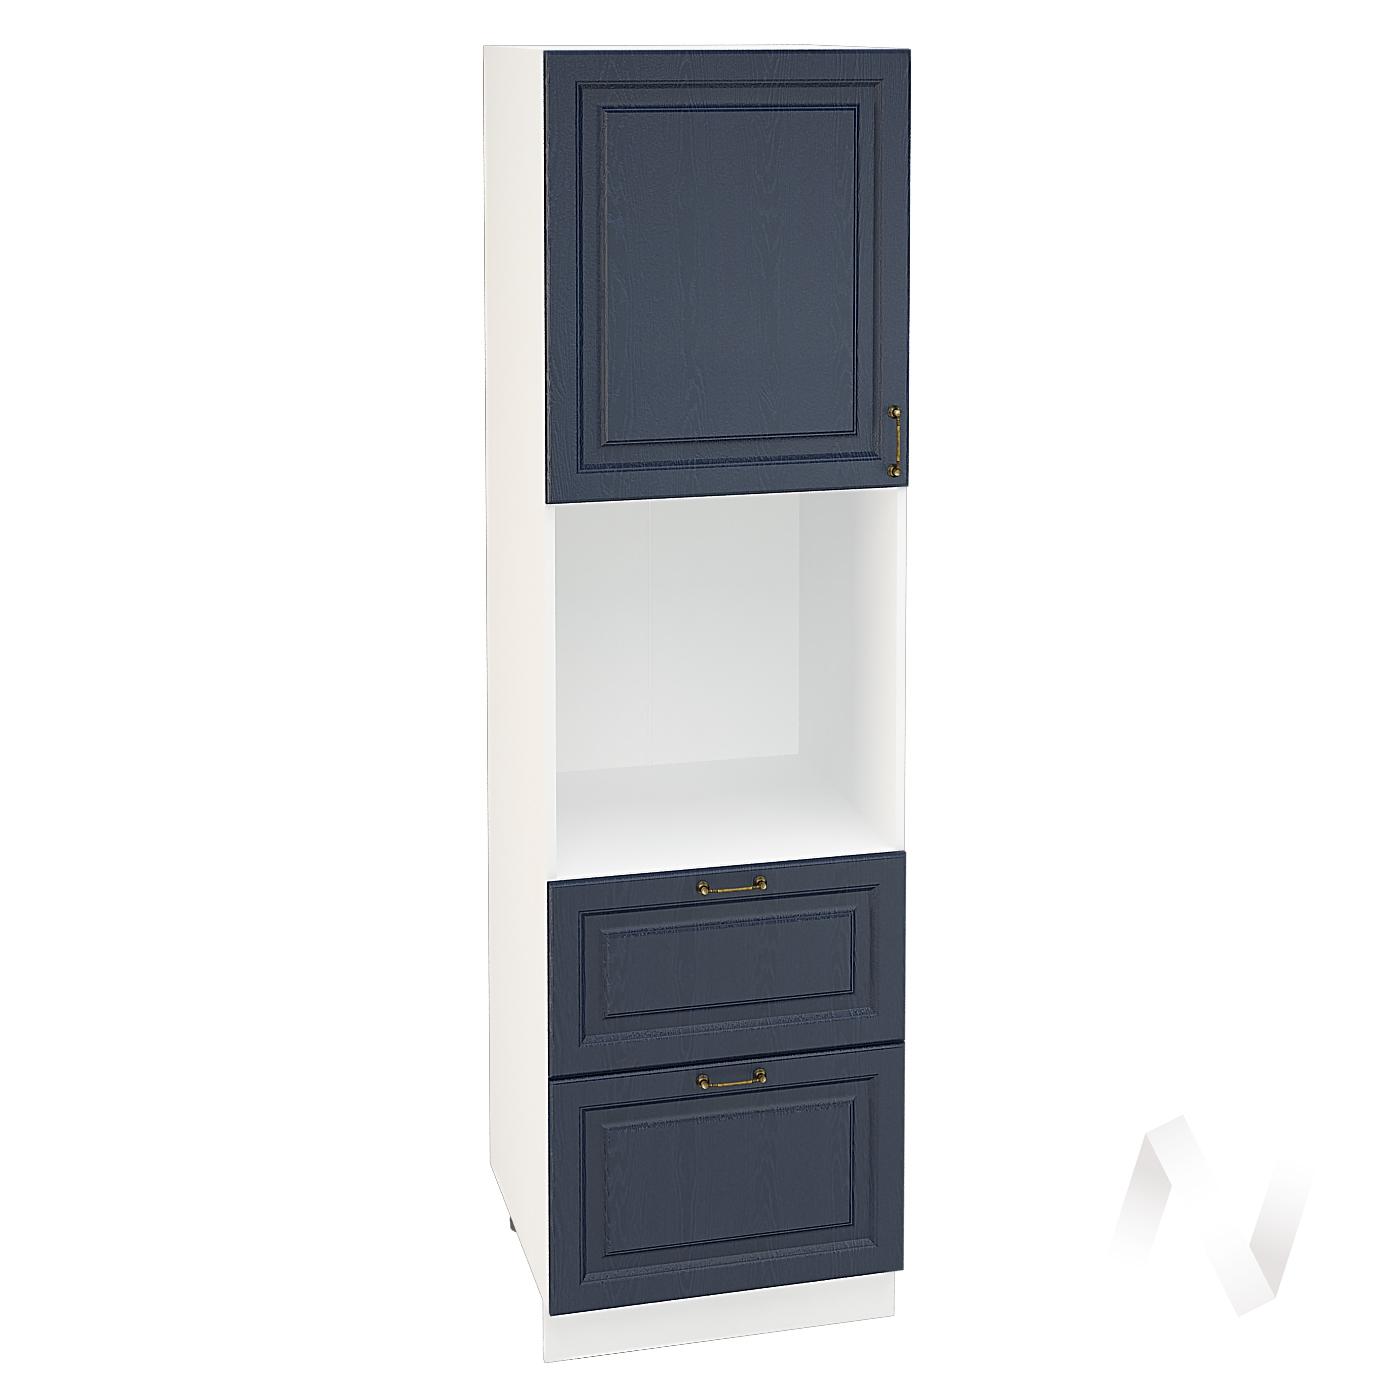 """Кухня """"Ницца"""": Шкаф пенал с 2-мя ящиками 600, ШП2Я 600 (Дуб чернильный/корпус белый)"""